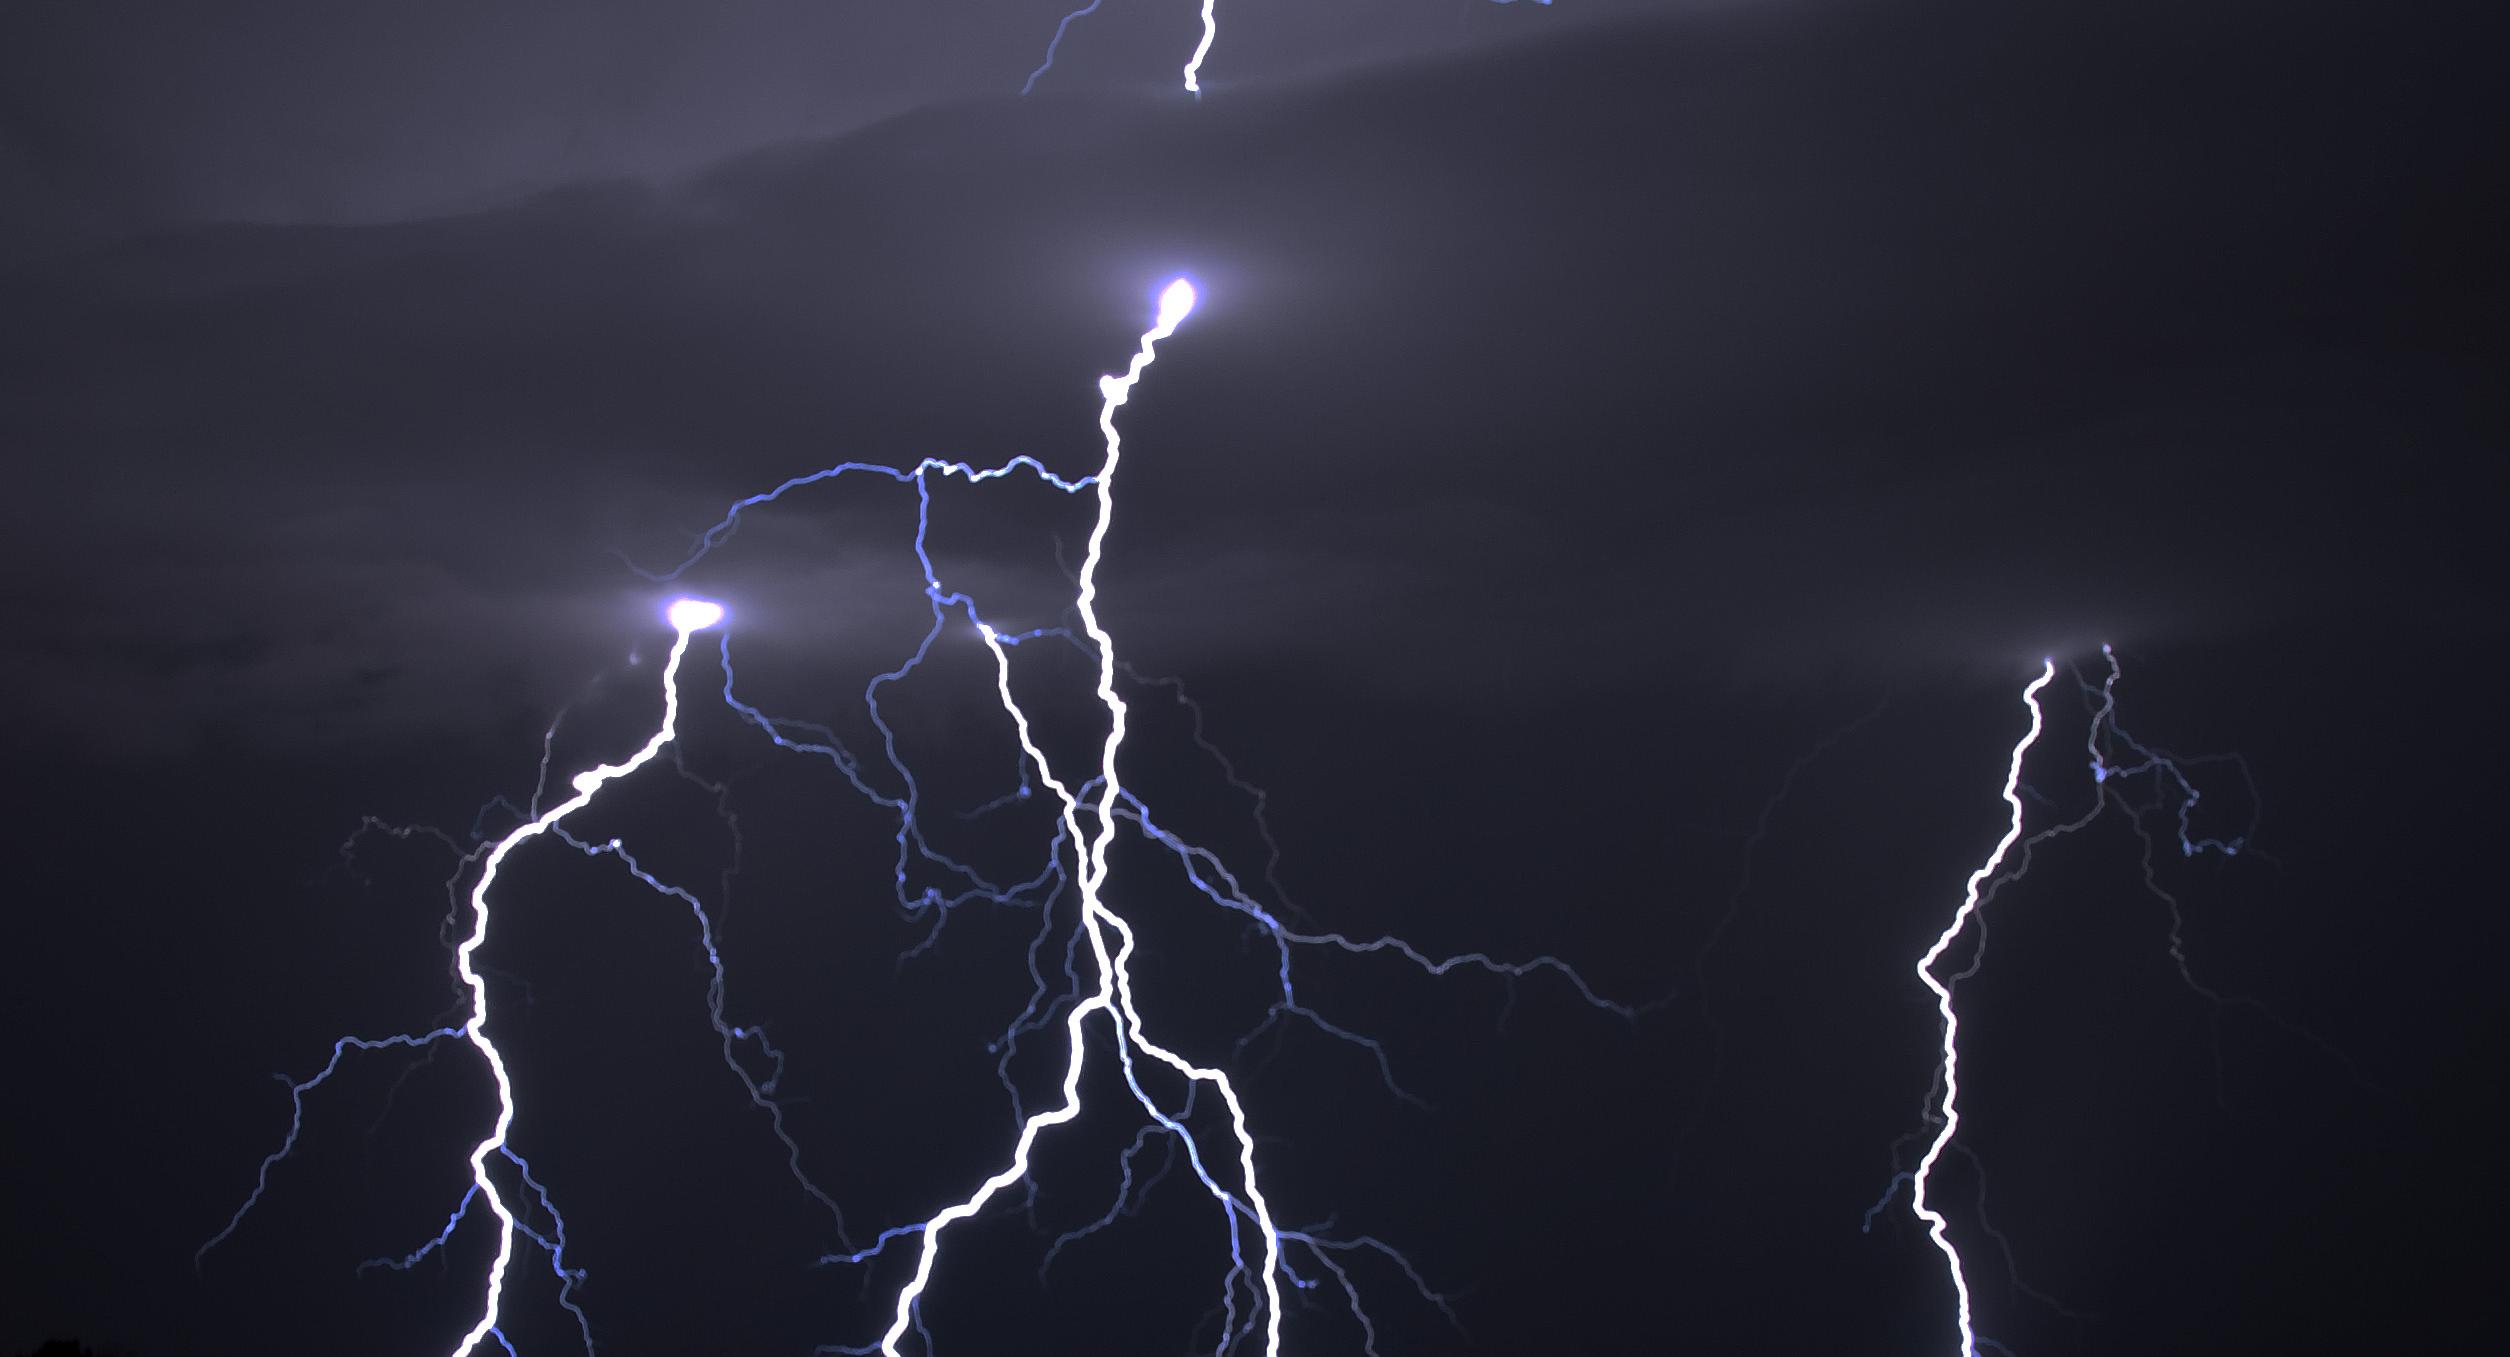 smaller lightning